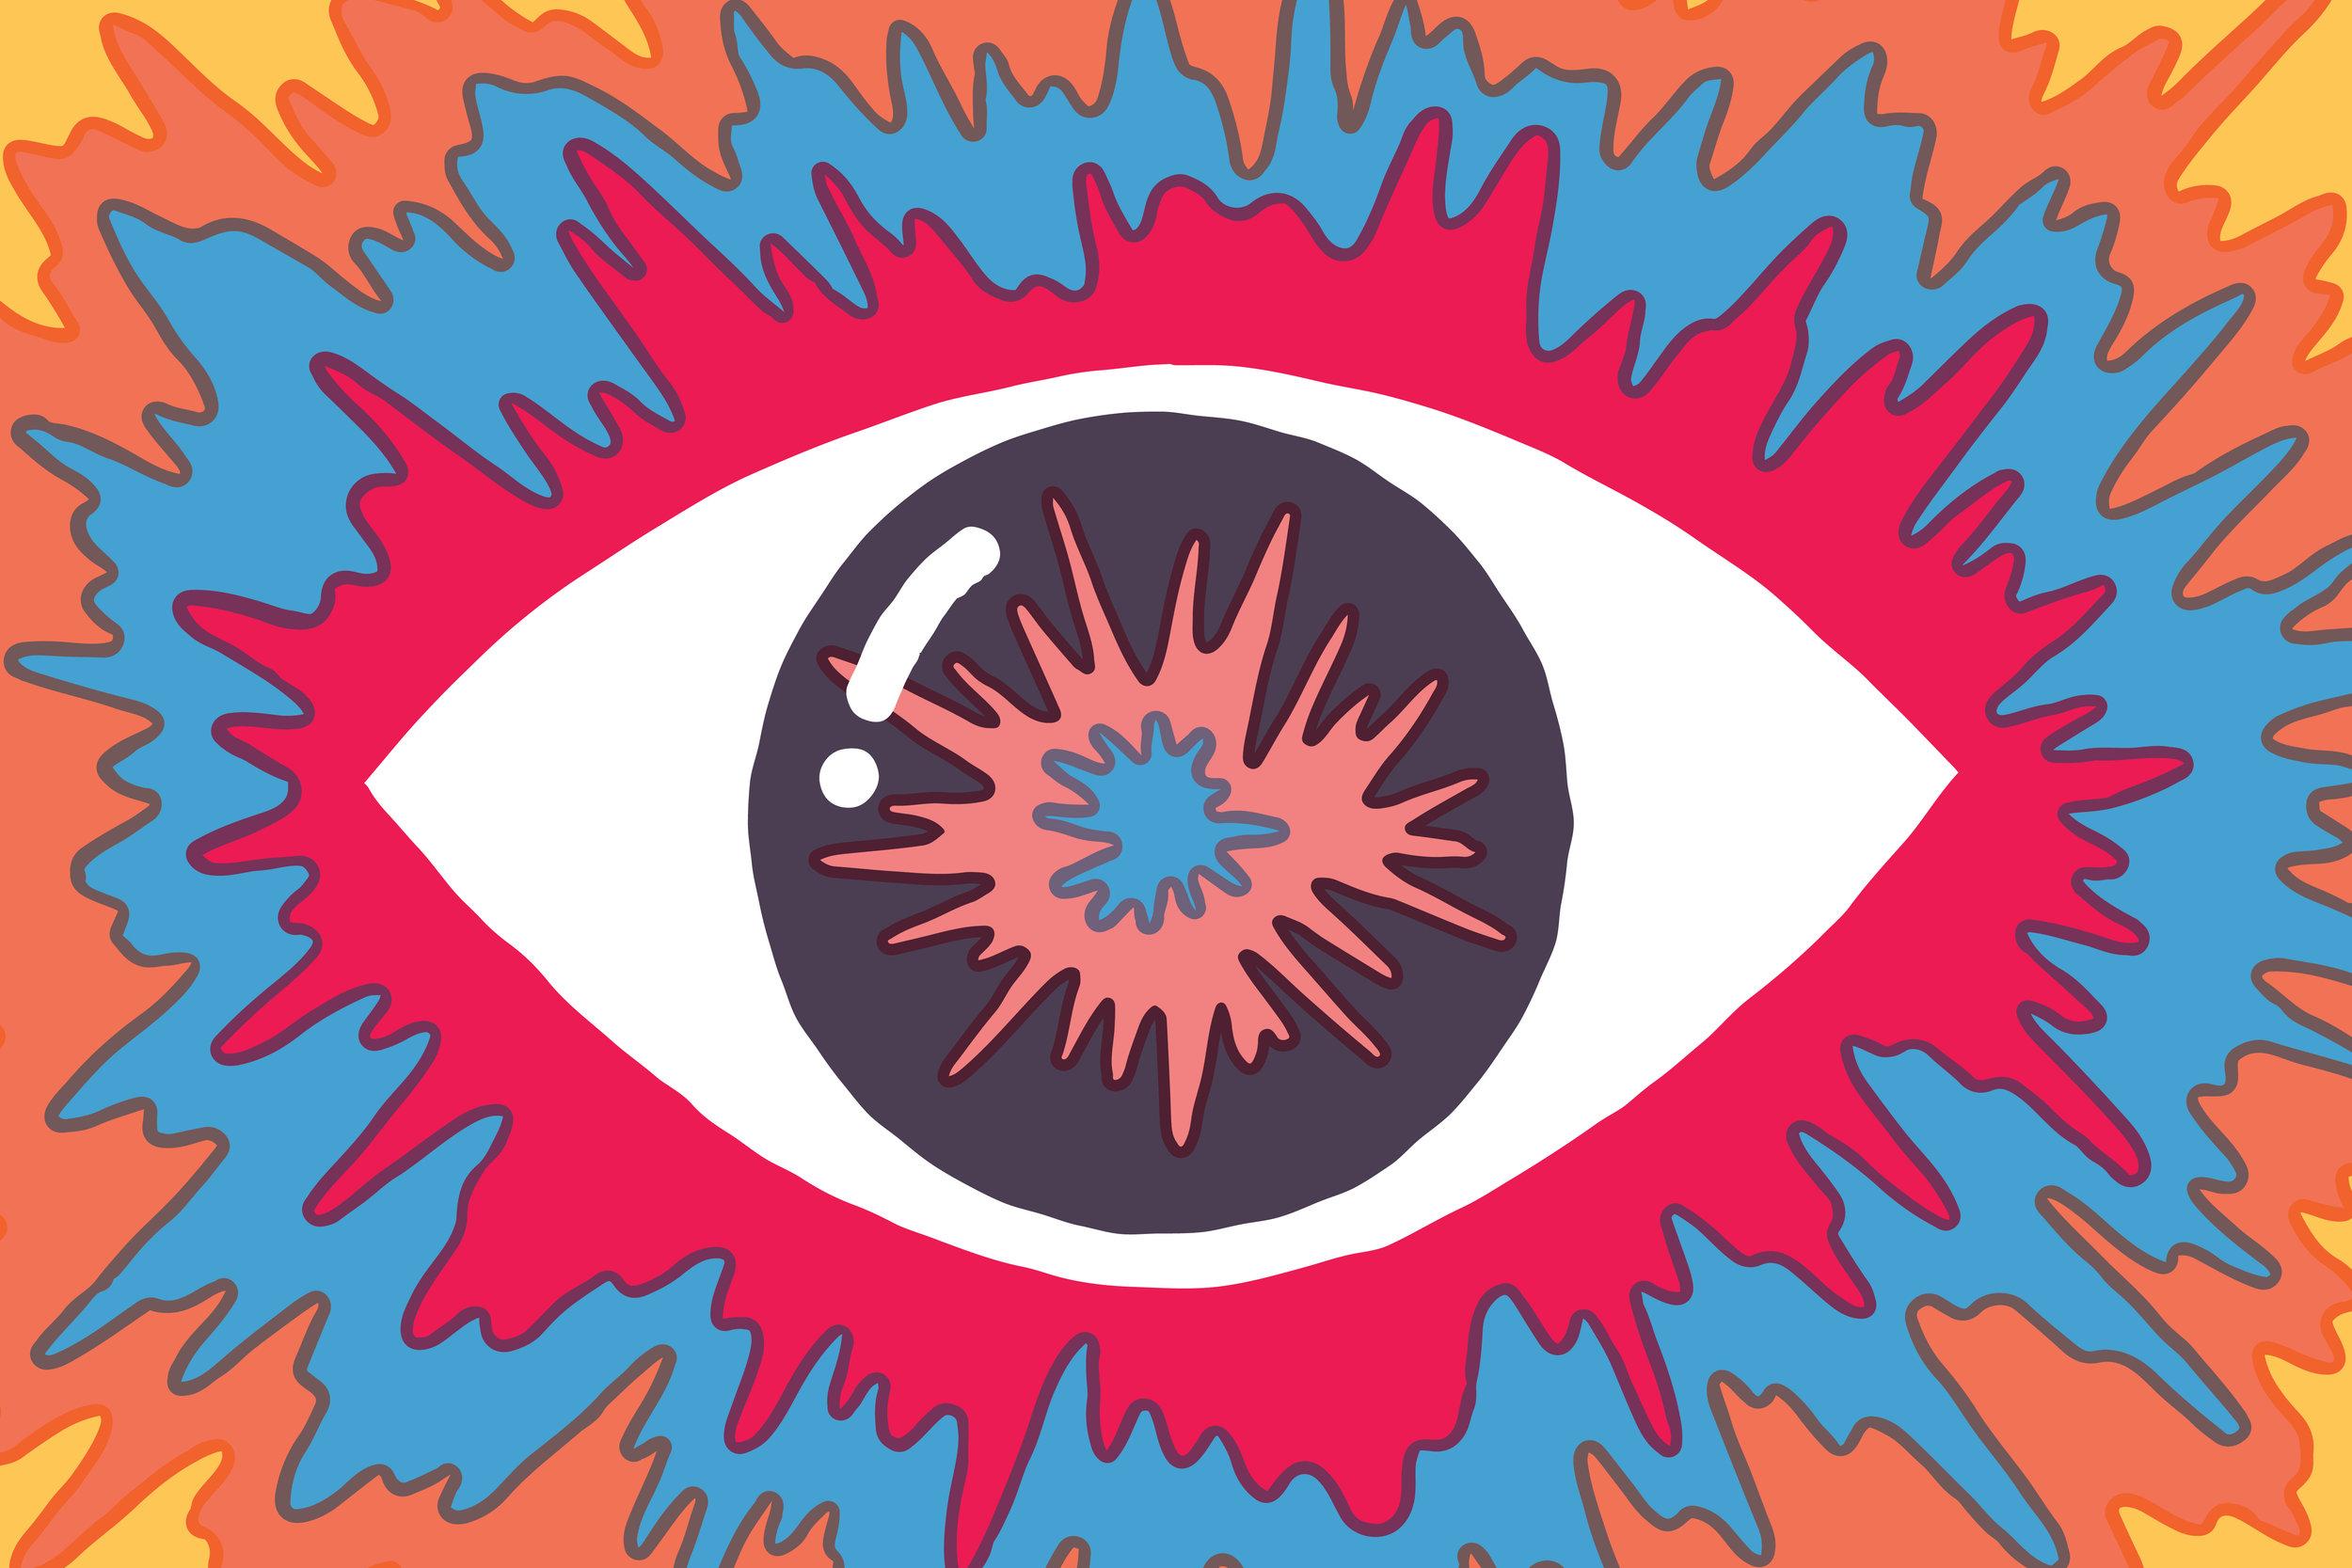 Le illustrazioni psichedeliche e spensierate di Tim Lahan   Collater.al 8